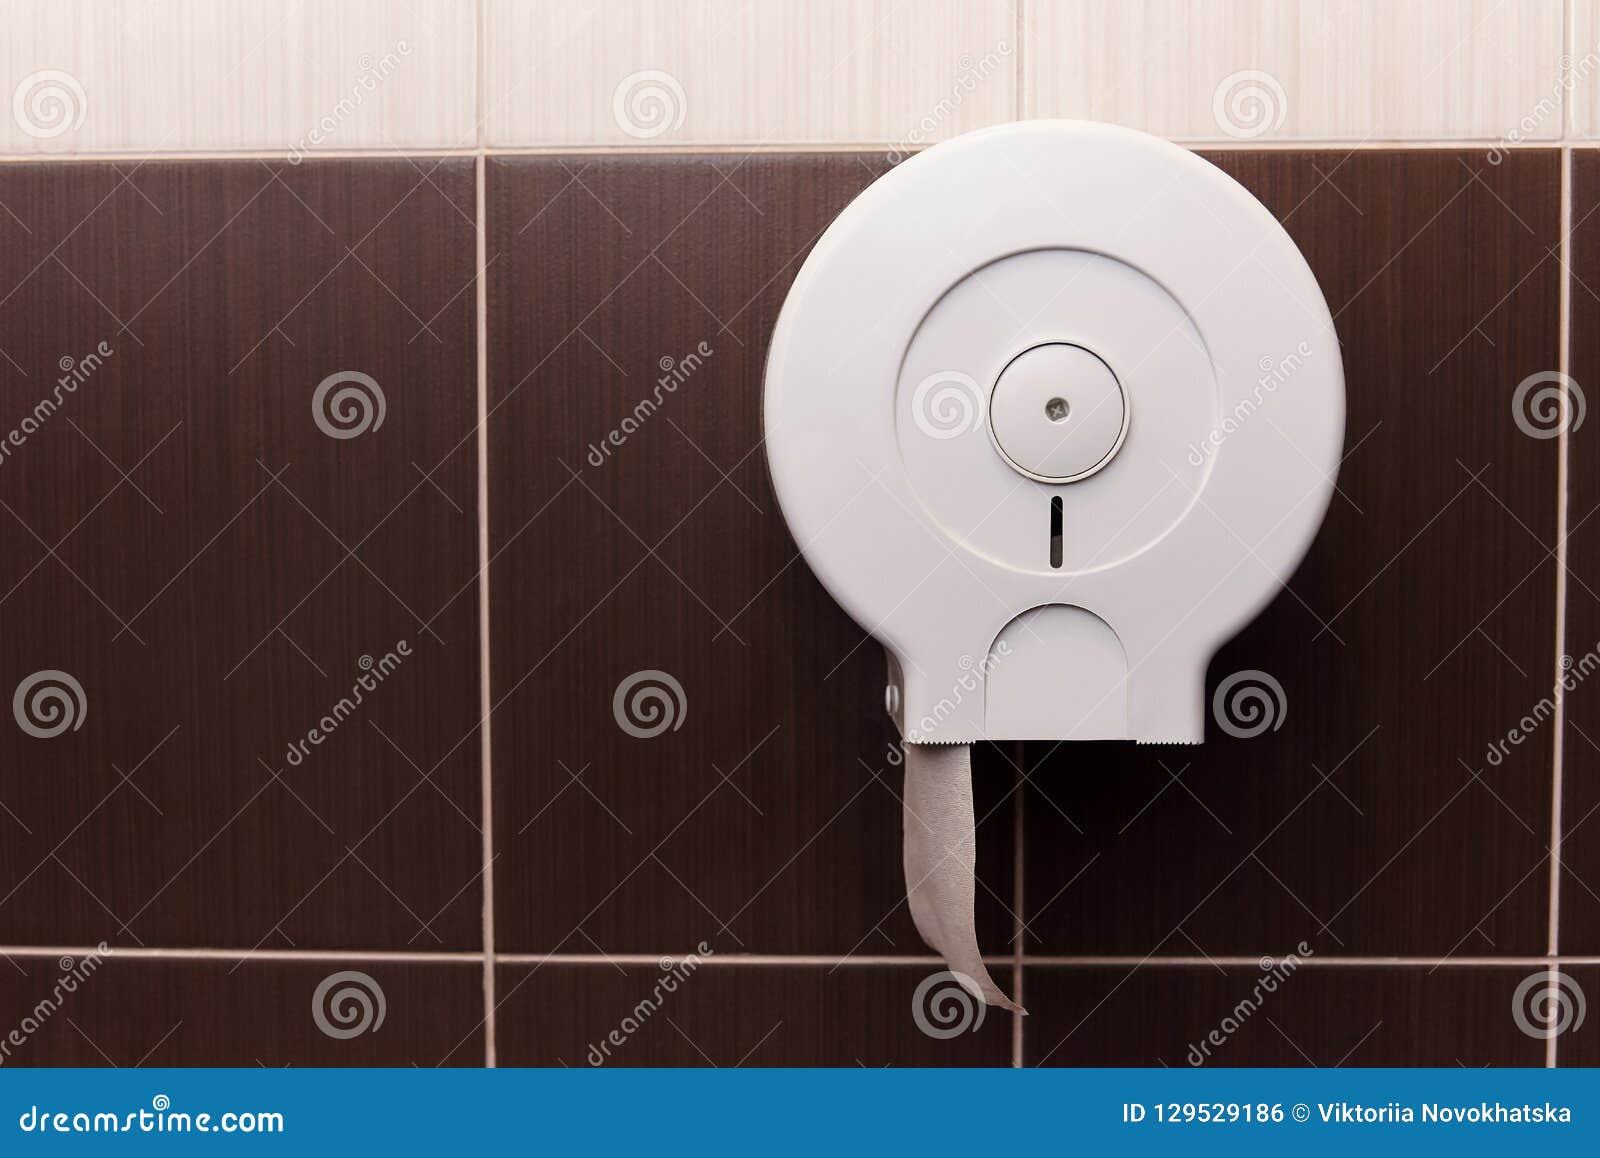 Toiletpapierautomaat